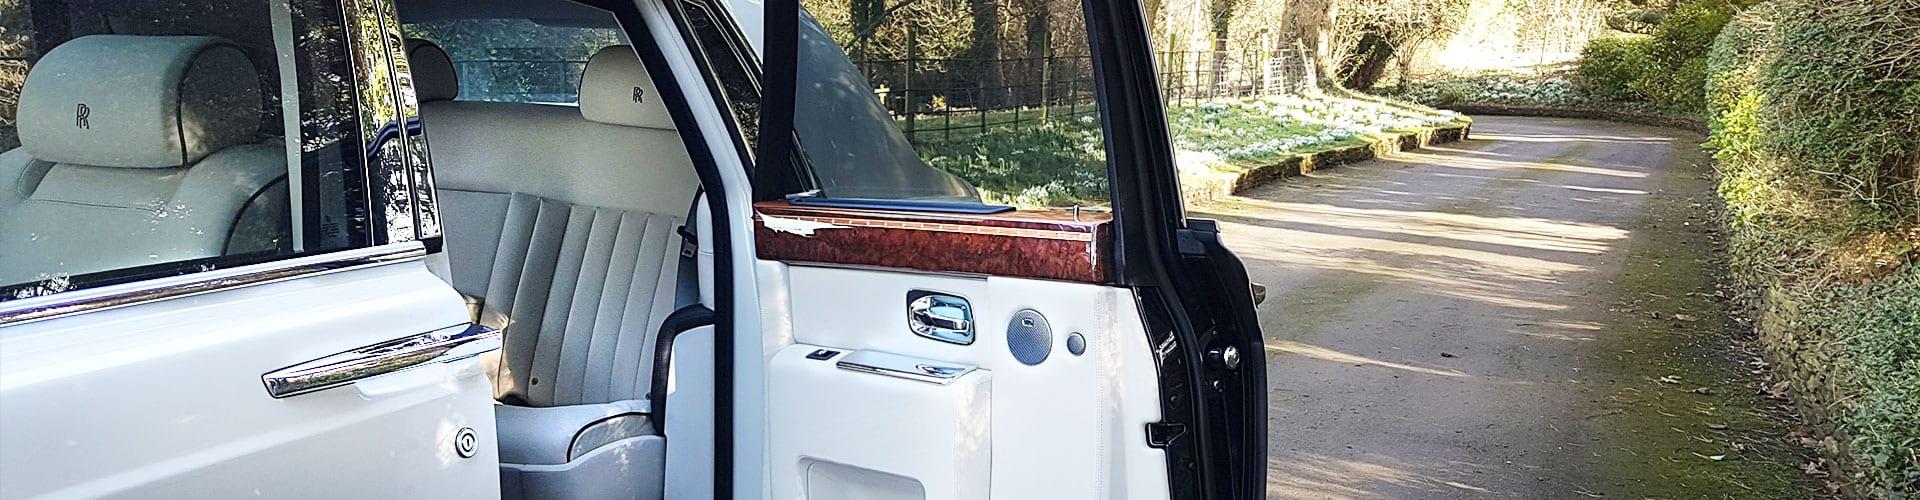 Rolls-Royce-Phantom-Hero-Slider-5